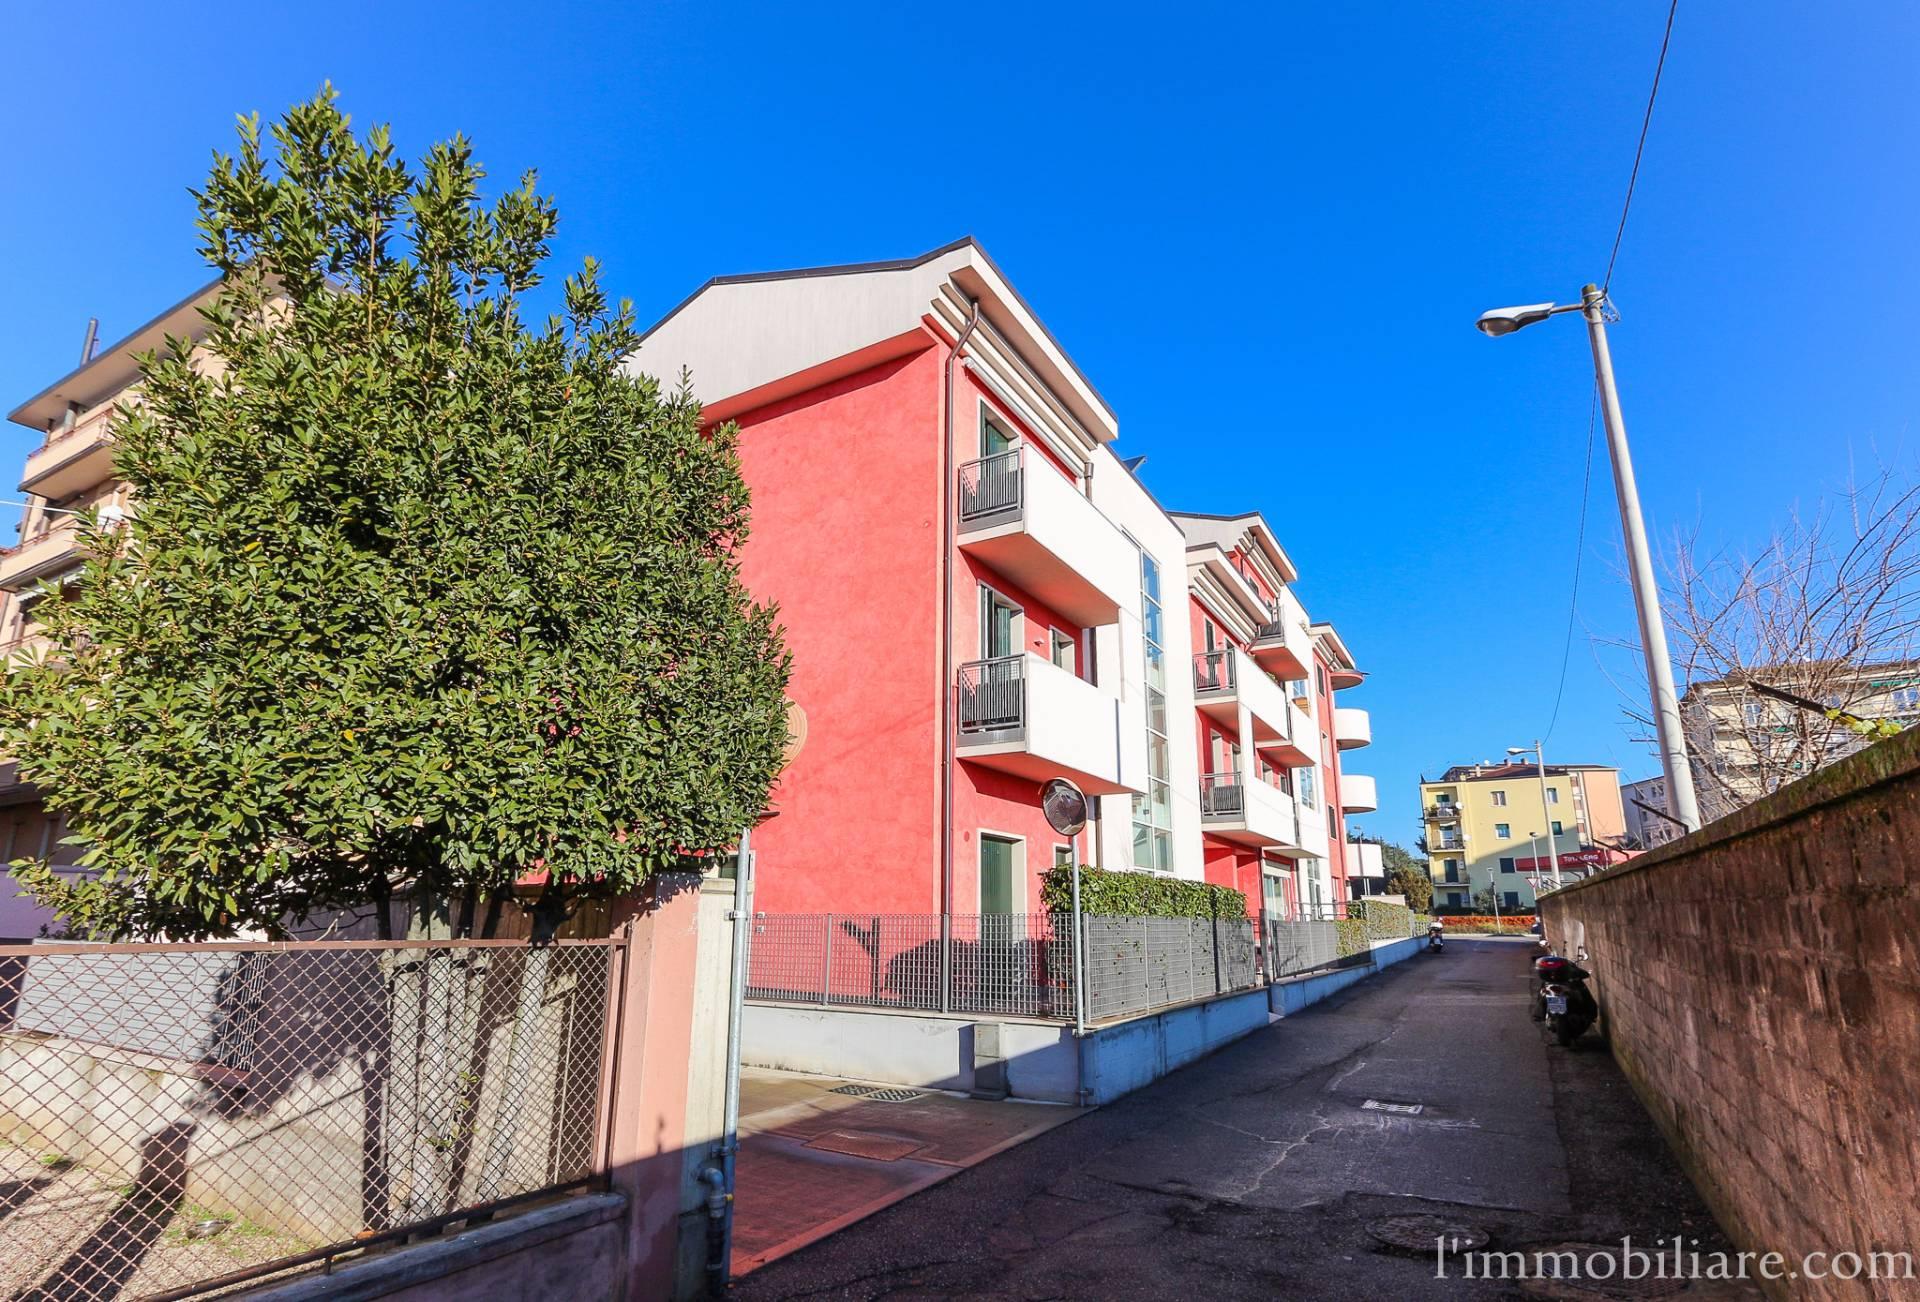 Appartamento in vendita a Verona, 2 locali, zona Località: PonteCrencano, prezzo € 175.000   Cambio Casa.it